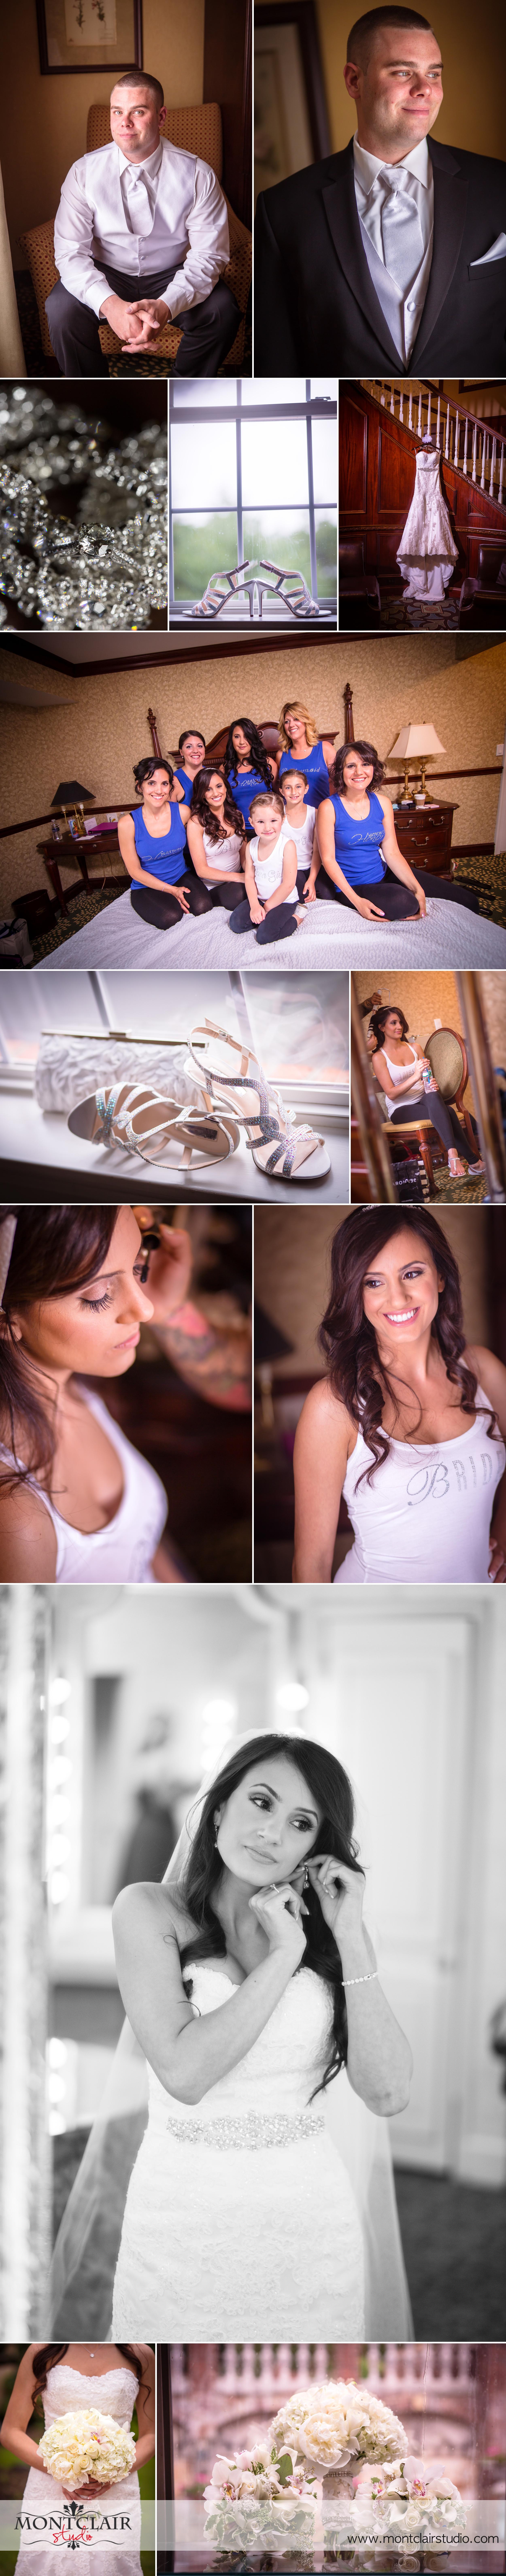 Wedding Lisa and Michael 1.jpg